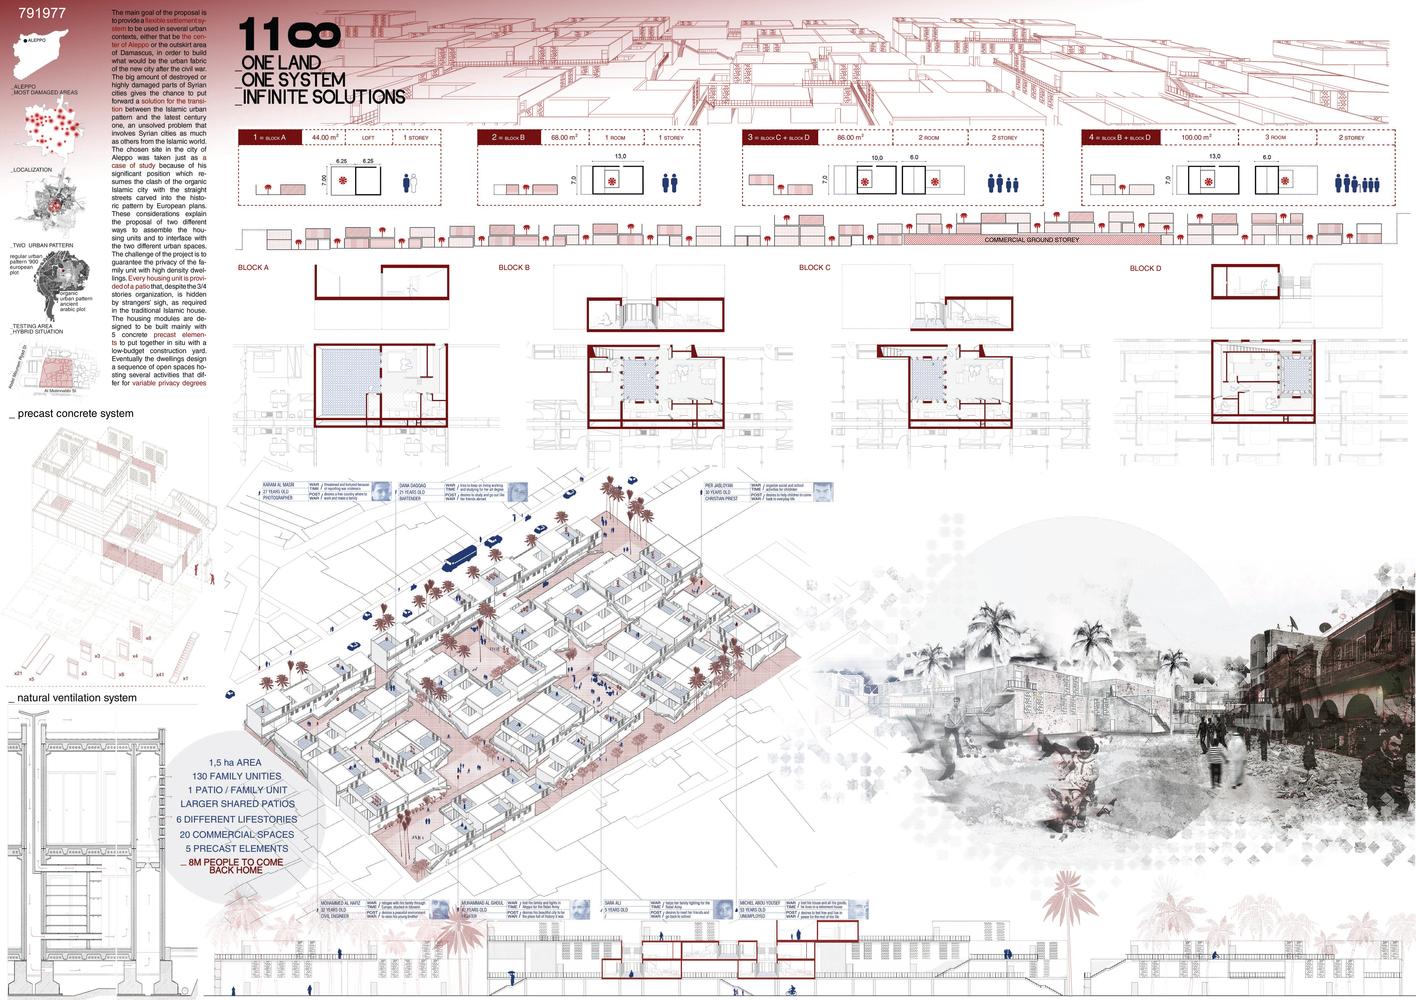 791977_1st_place